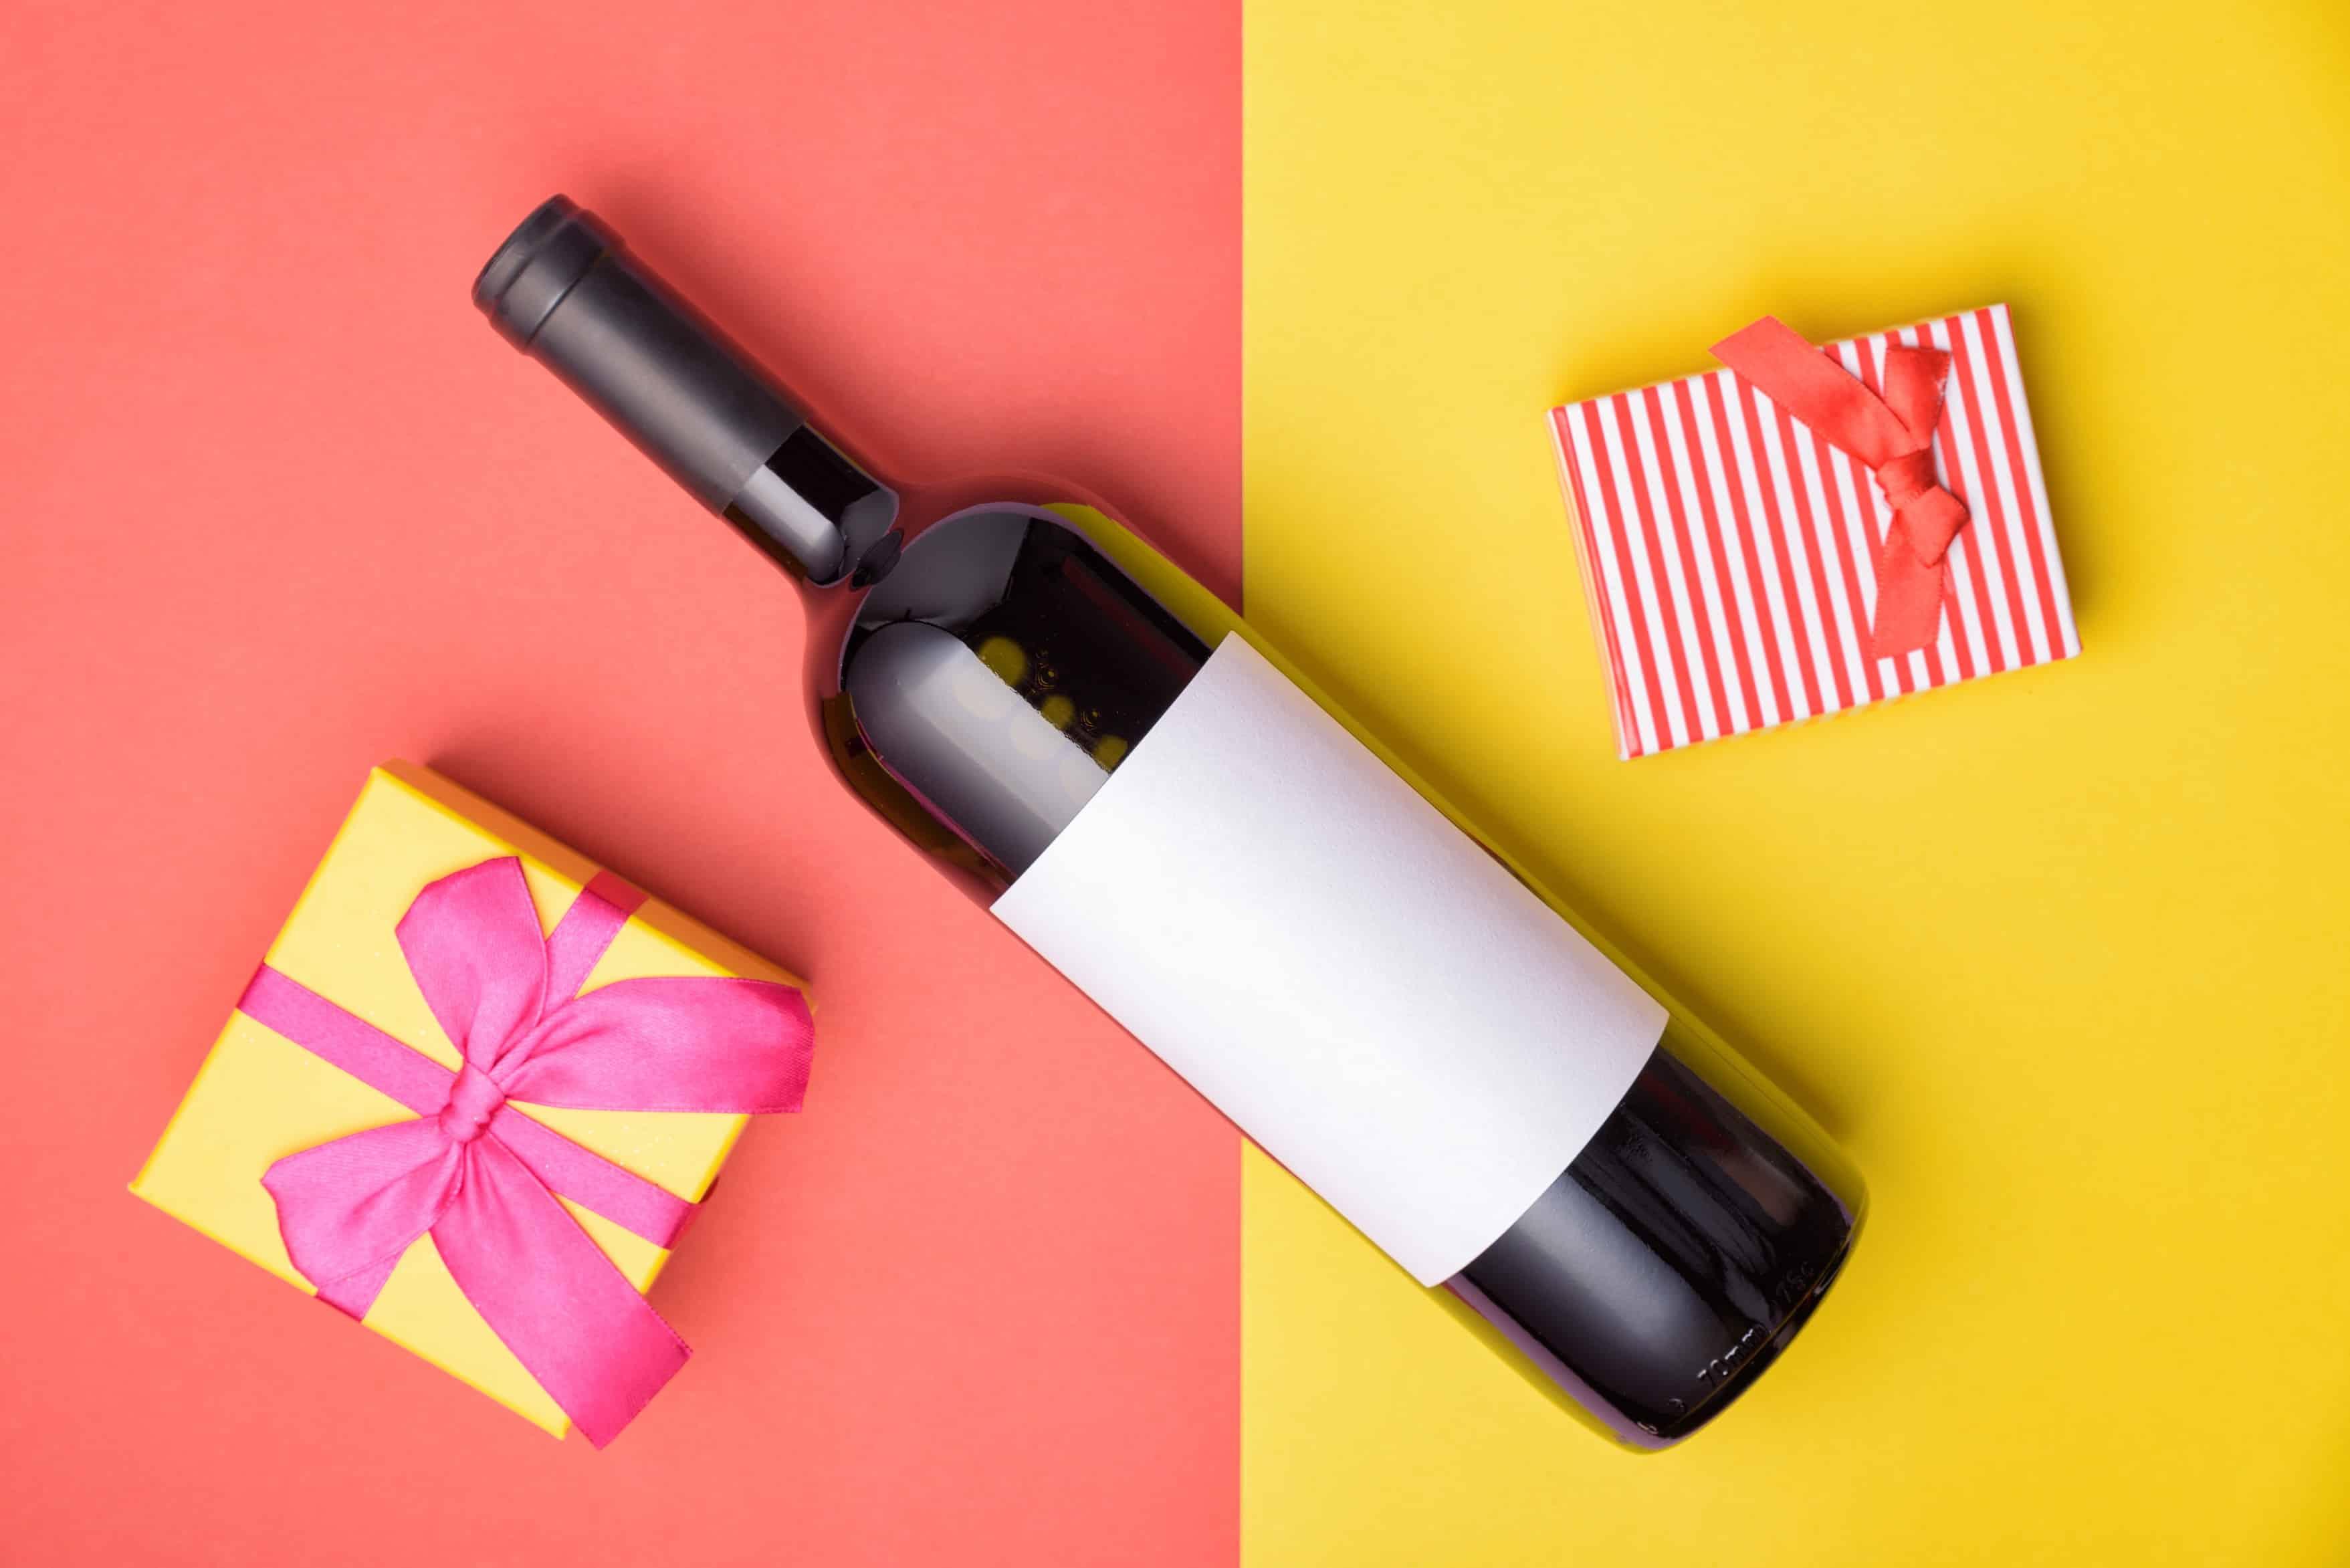 מתנות יוקרתיות למנהלים ולכל מי שאוהב ומעריך יין טוב – מבחר מתנות לחובבי היין